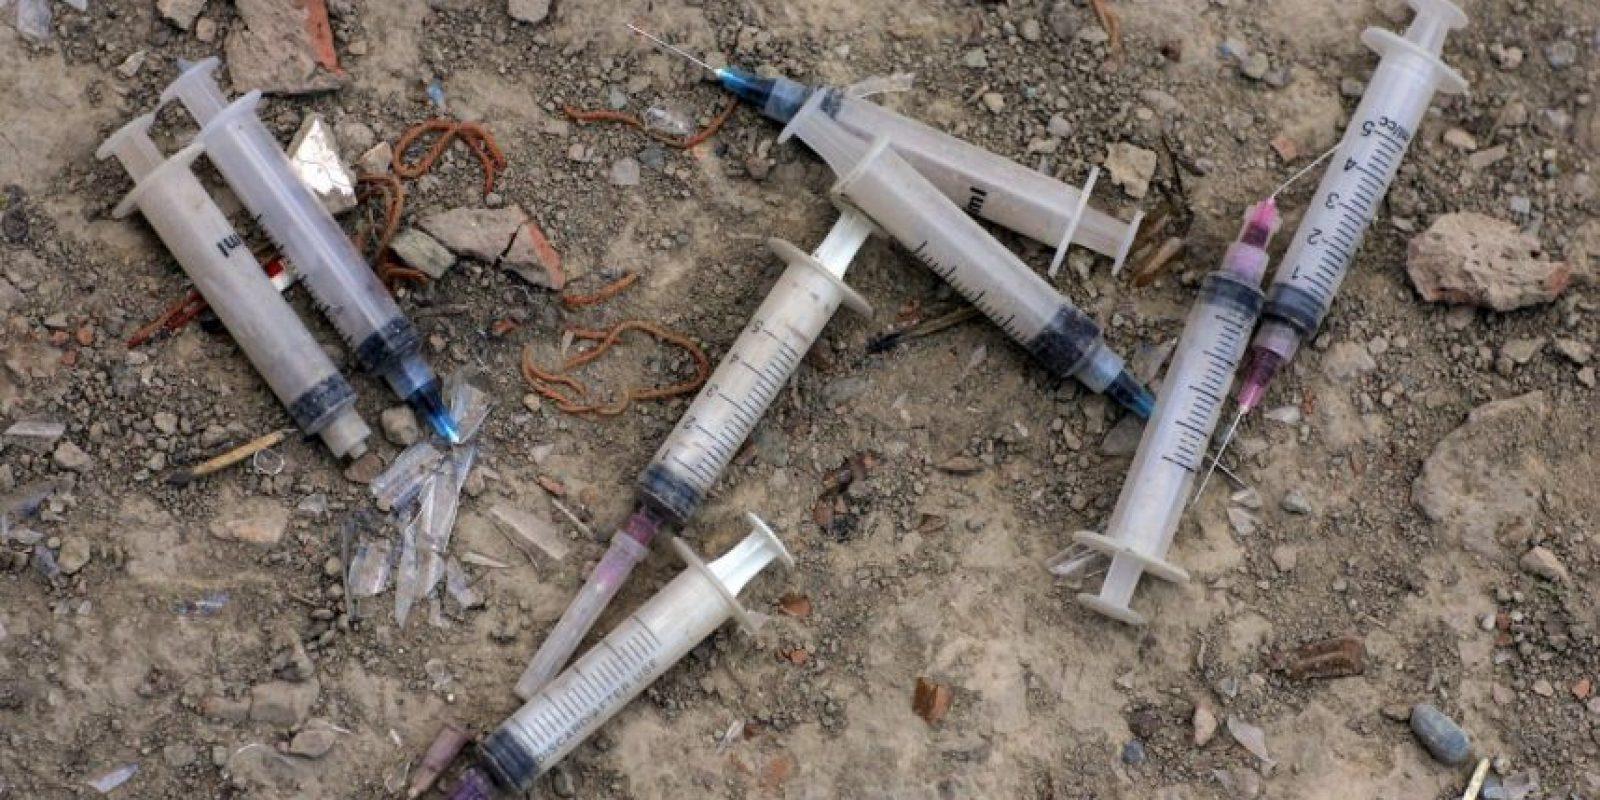 Los usuarios la consumen vía inyecciones intravenosas, pero también la inhalan o la fuman. Foto:Getty